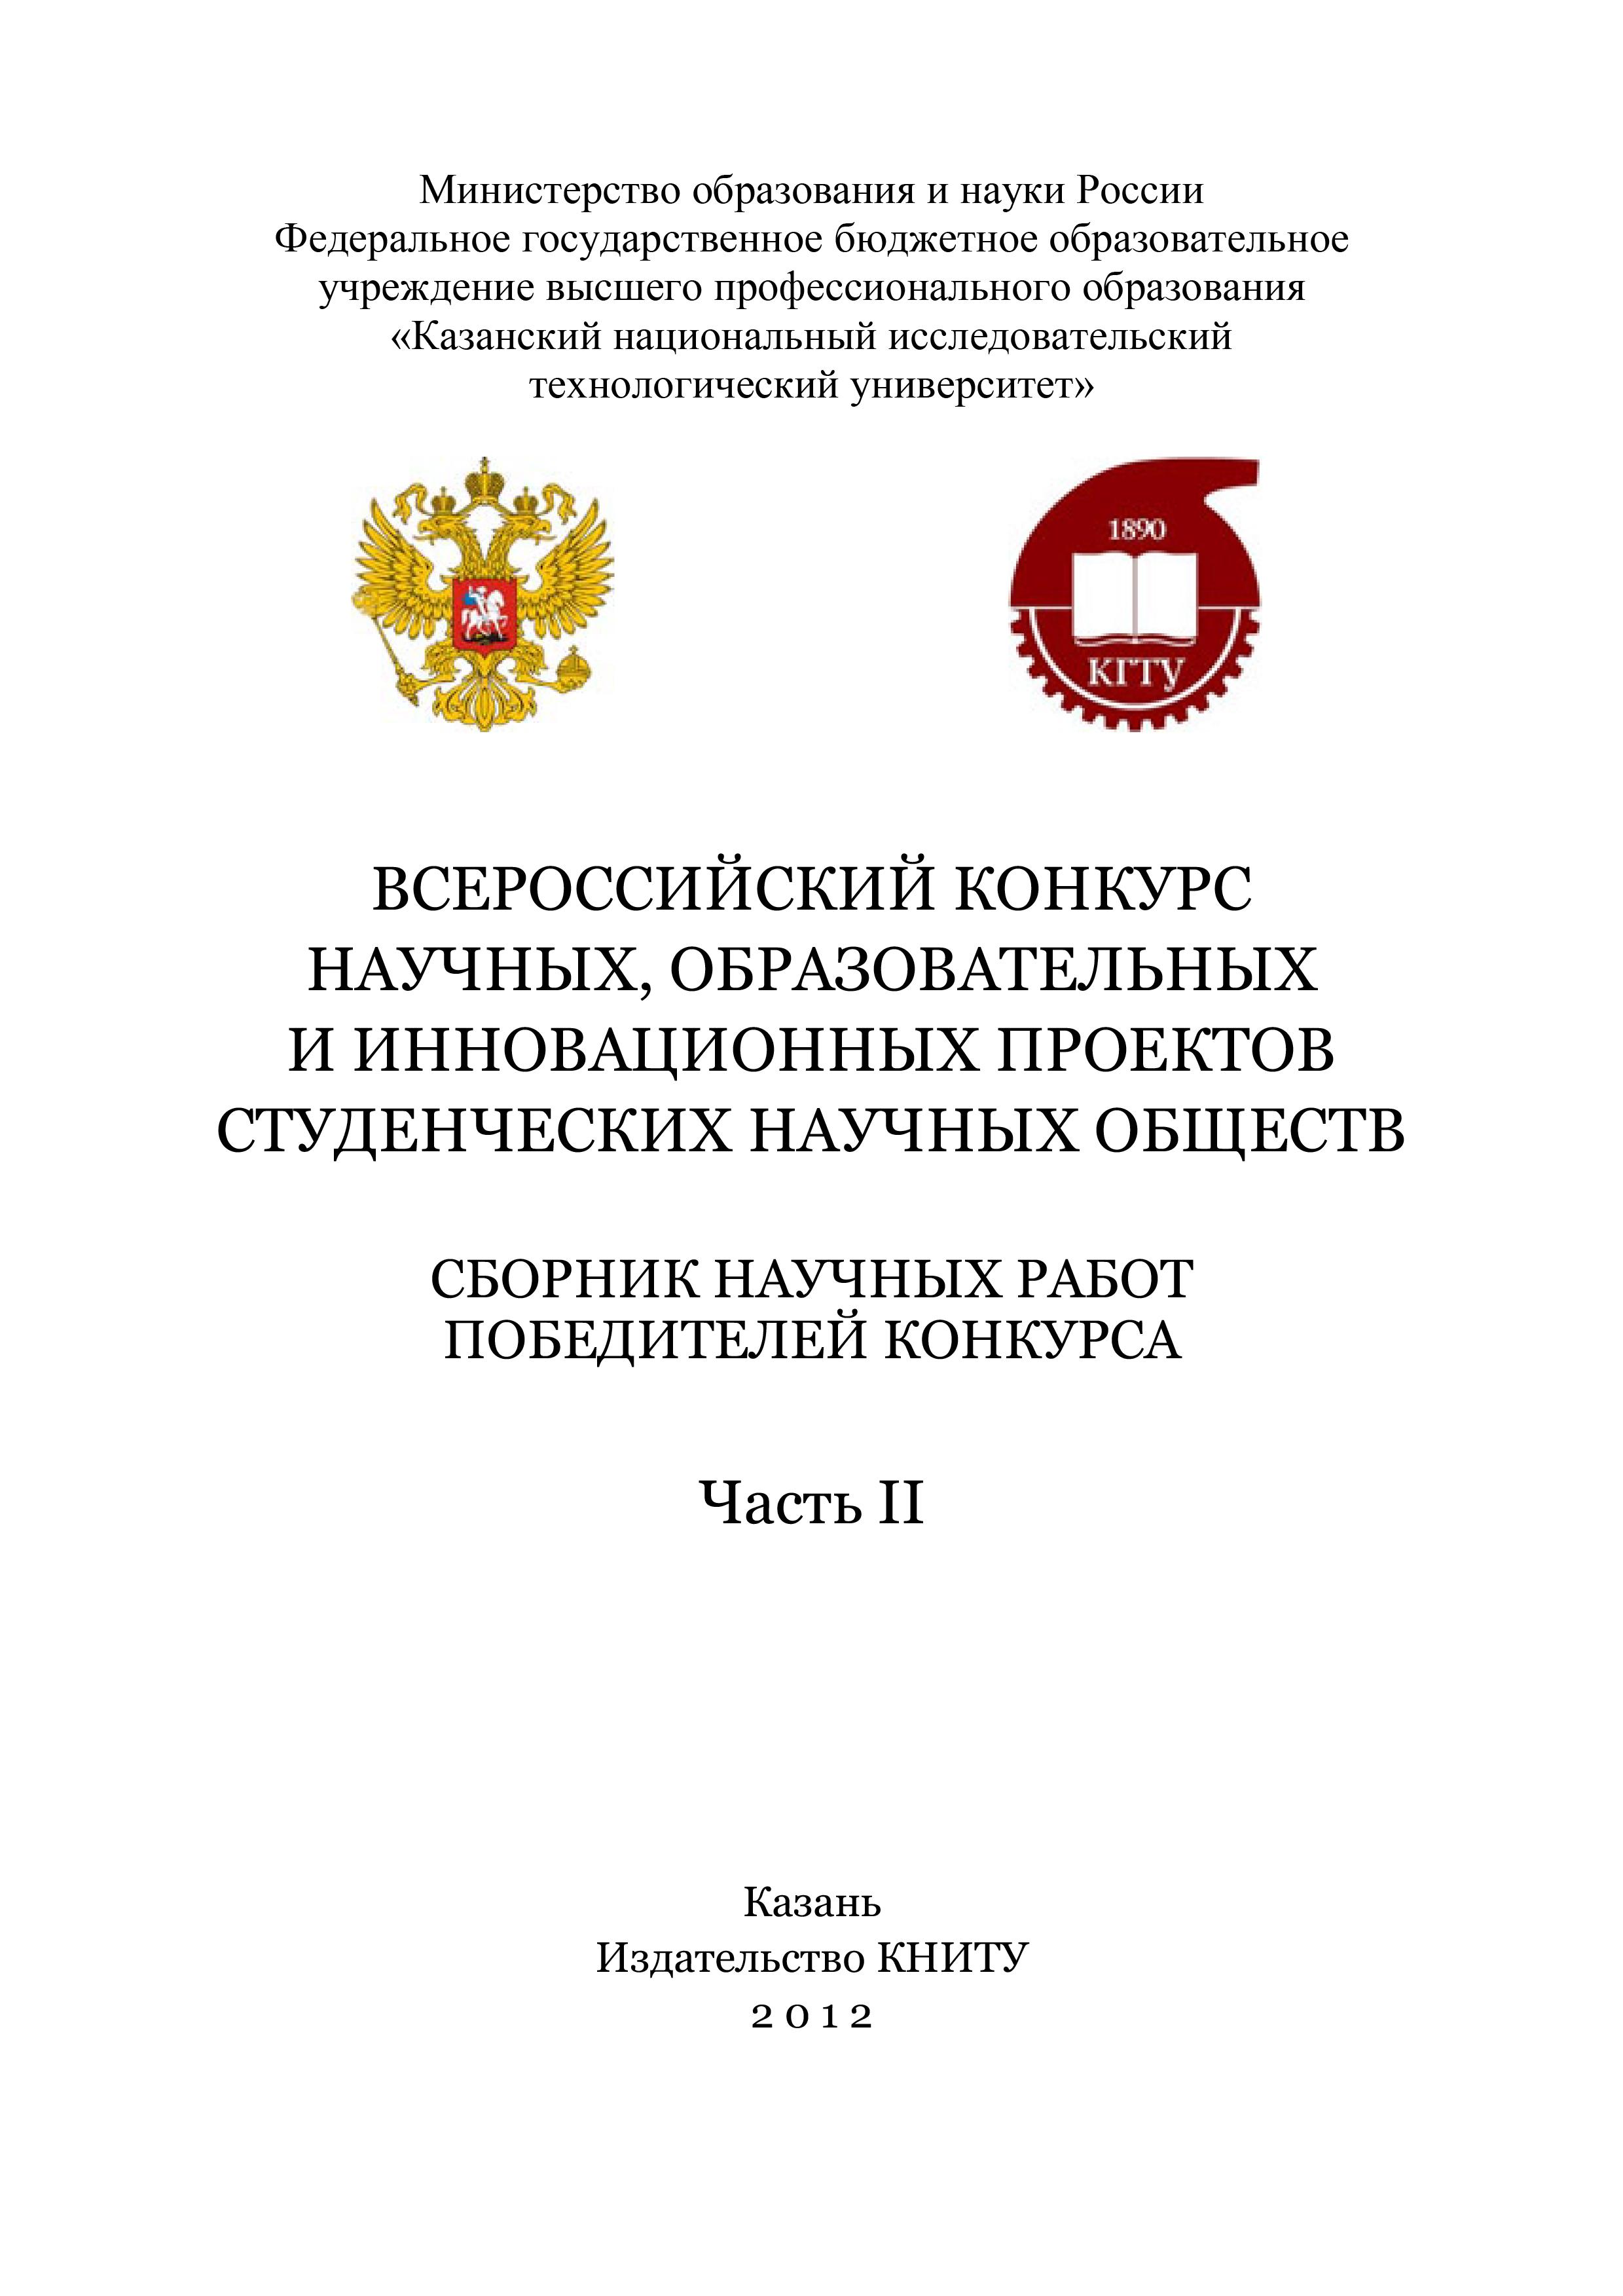 Всероссийский конкурс научных, образовательных и инновационных проектов студенческих научных обществ. Часть II